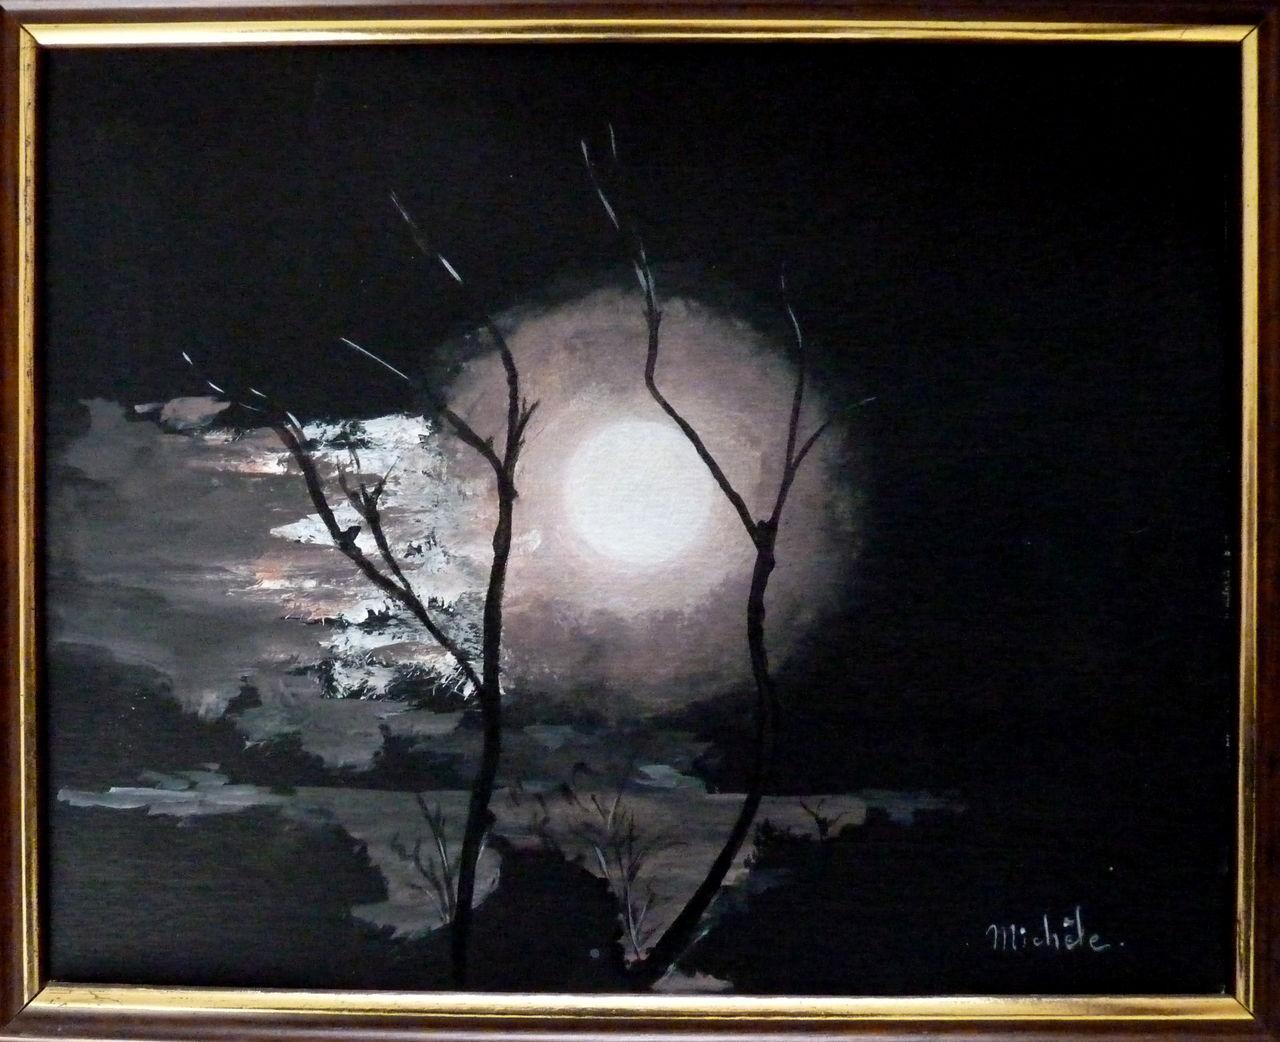 Michele martin La nuit du loup.